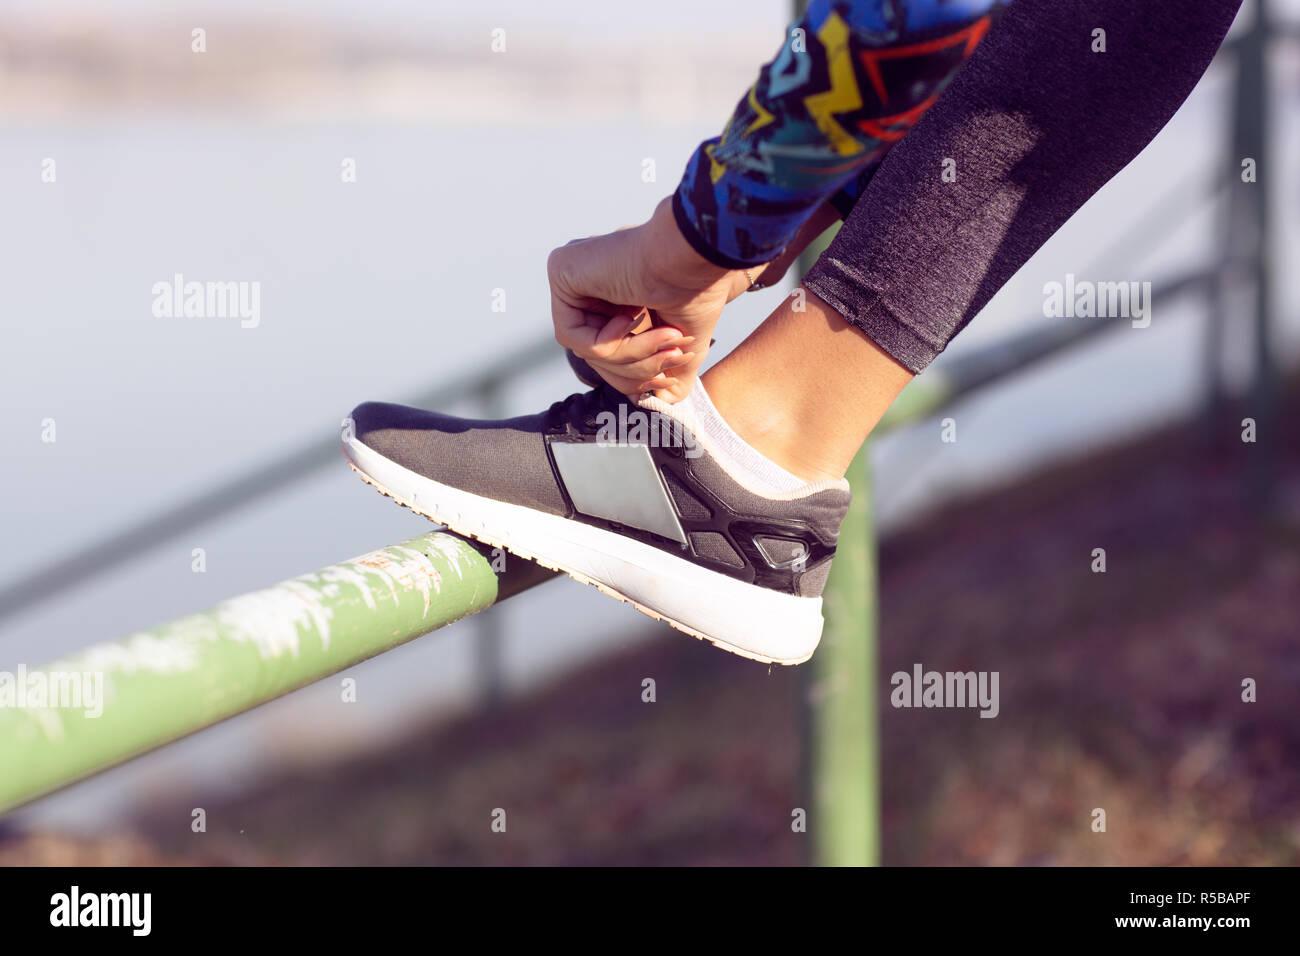 Attacher la chaussure de sport. Une jeune athlète se préparer pour l'athlétisme et la formation de remise en forme en plein air. Sport, exercice, fitness, entraînement. Mode de vie sain Photo Stock